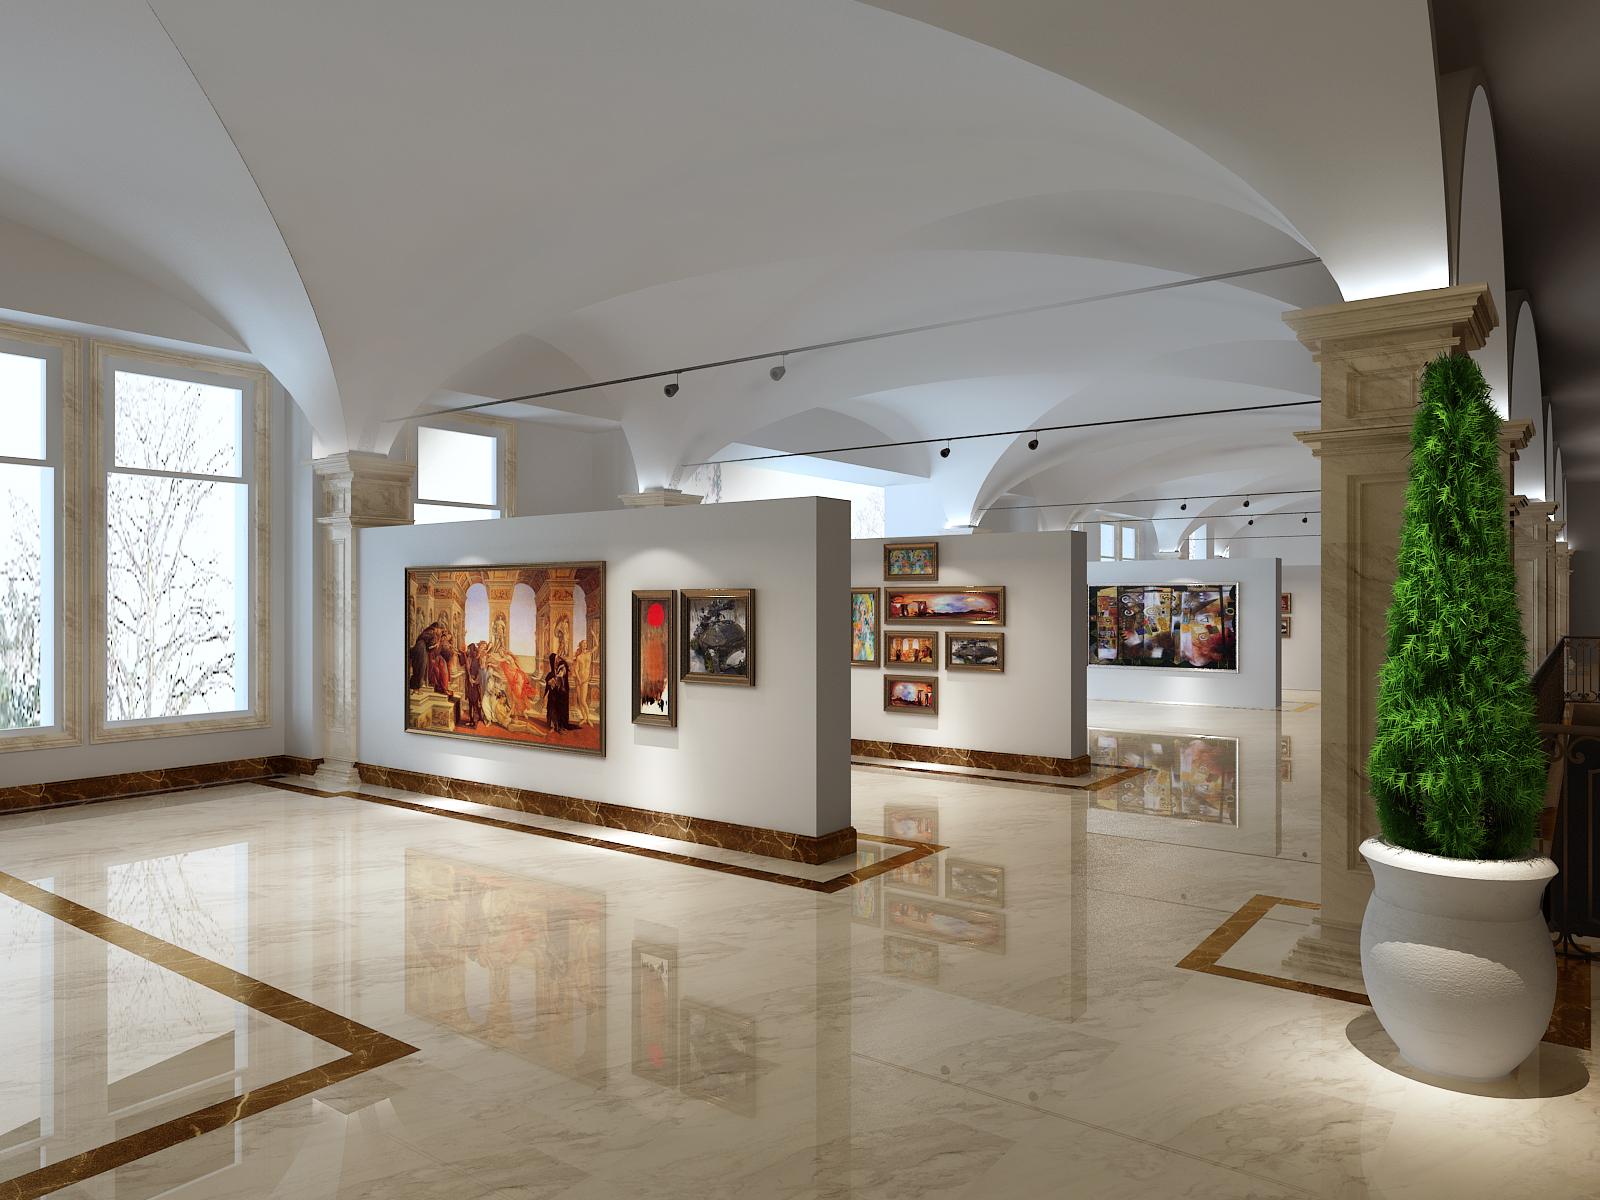 欧式 美术馆 工装 高度国际 其他图片来自凌军在【工装】 美术馆设计的分享